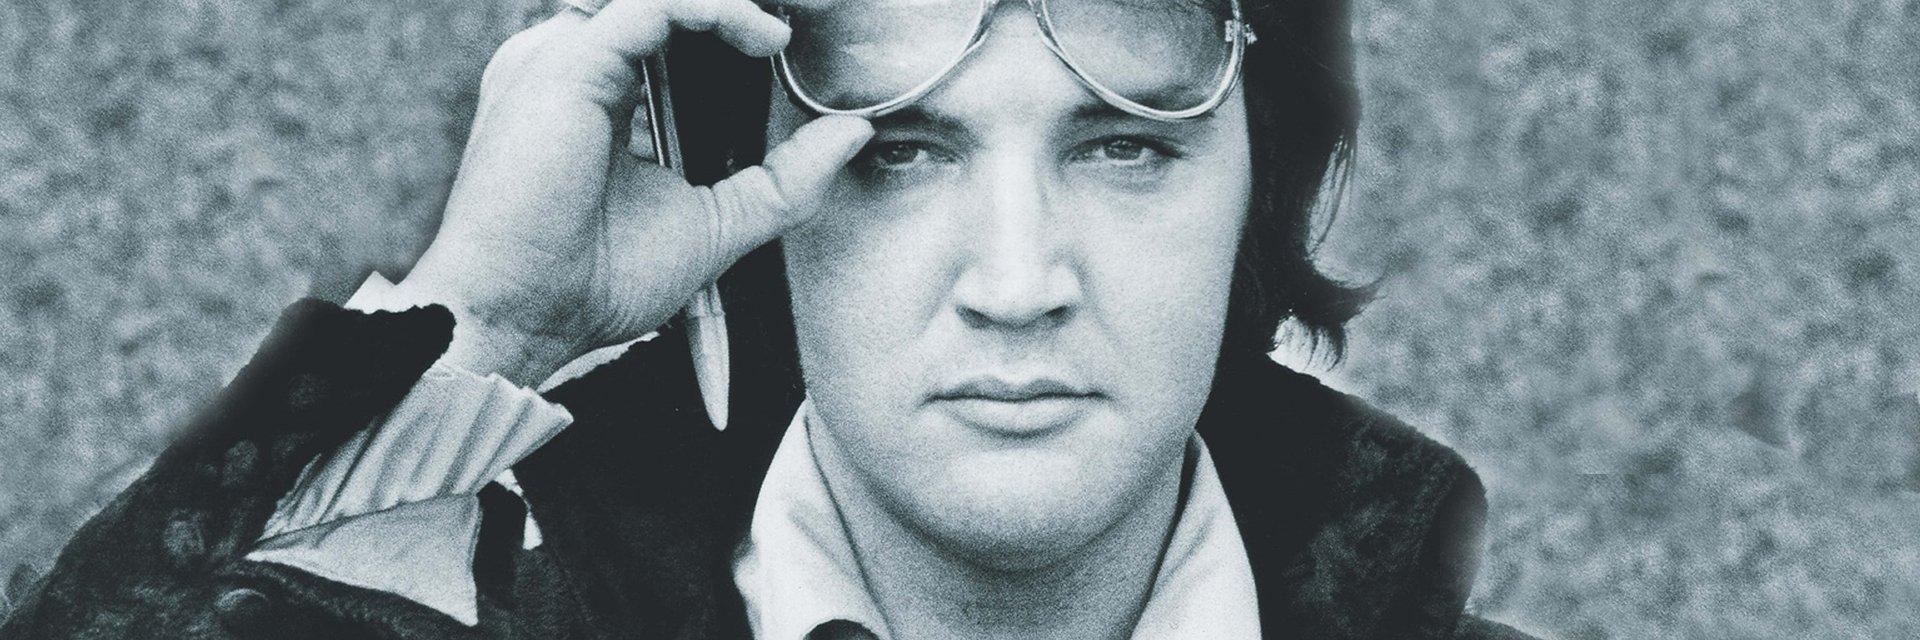 Kolekcja 4 płyt CD z oryginalnymi nagraniami studyjnymi Elvisa Presleya